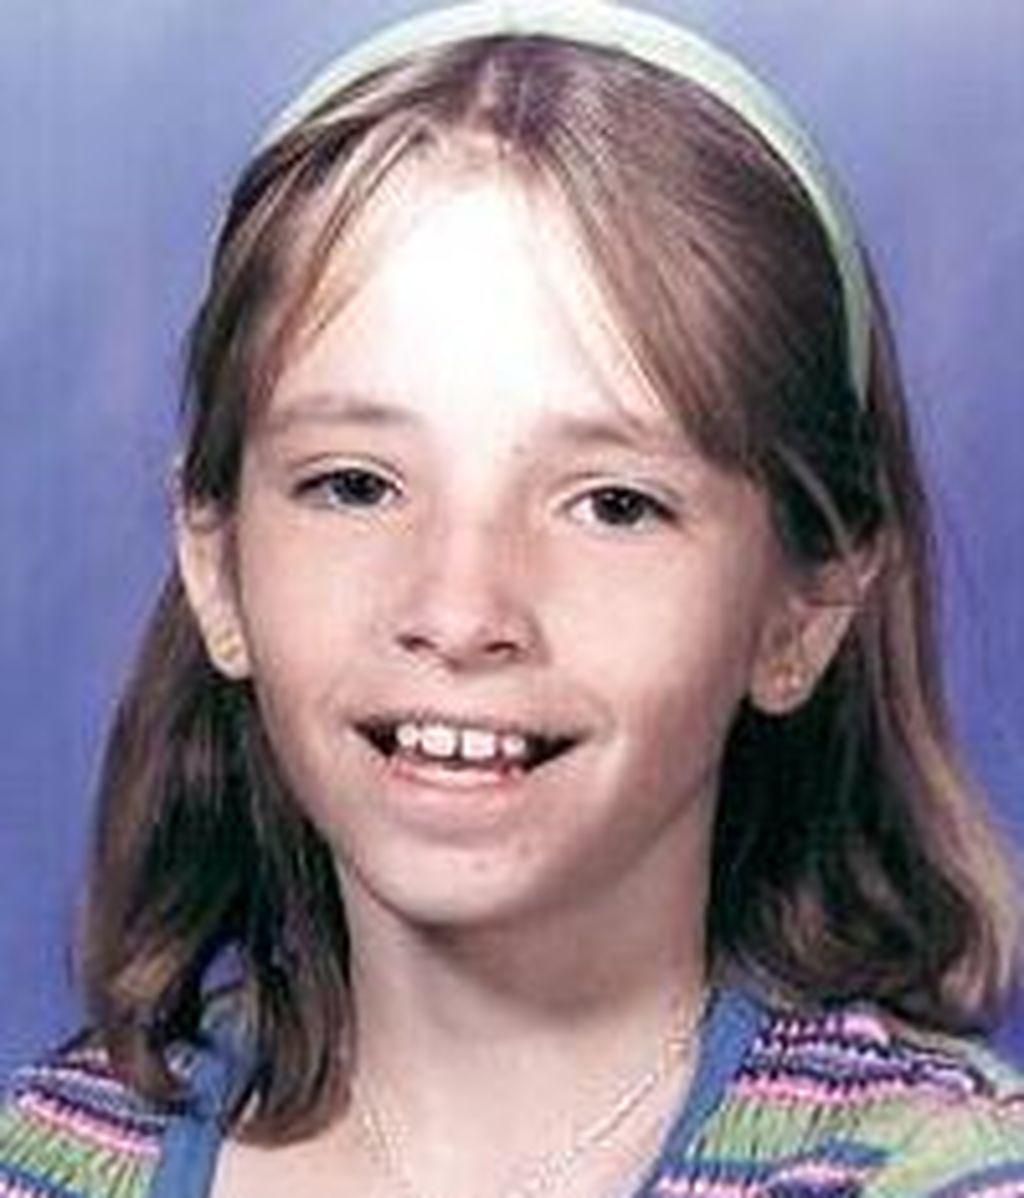 Encuentran un billete con una frase escrita por una niña desaparecida en 1999